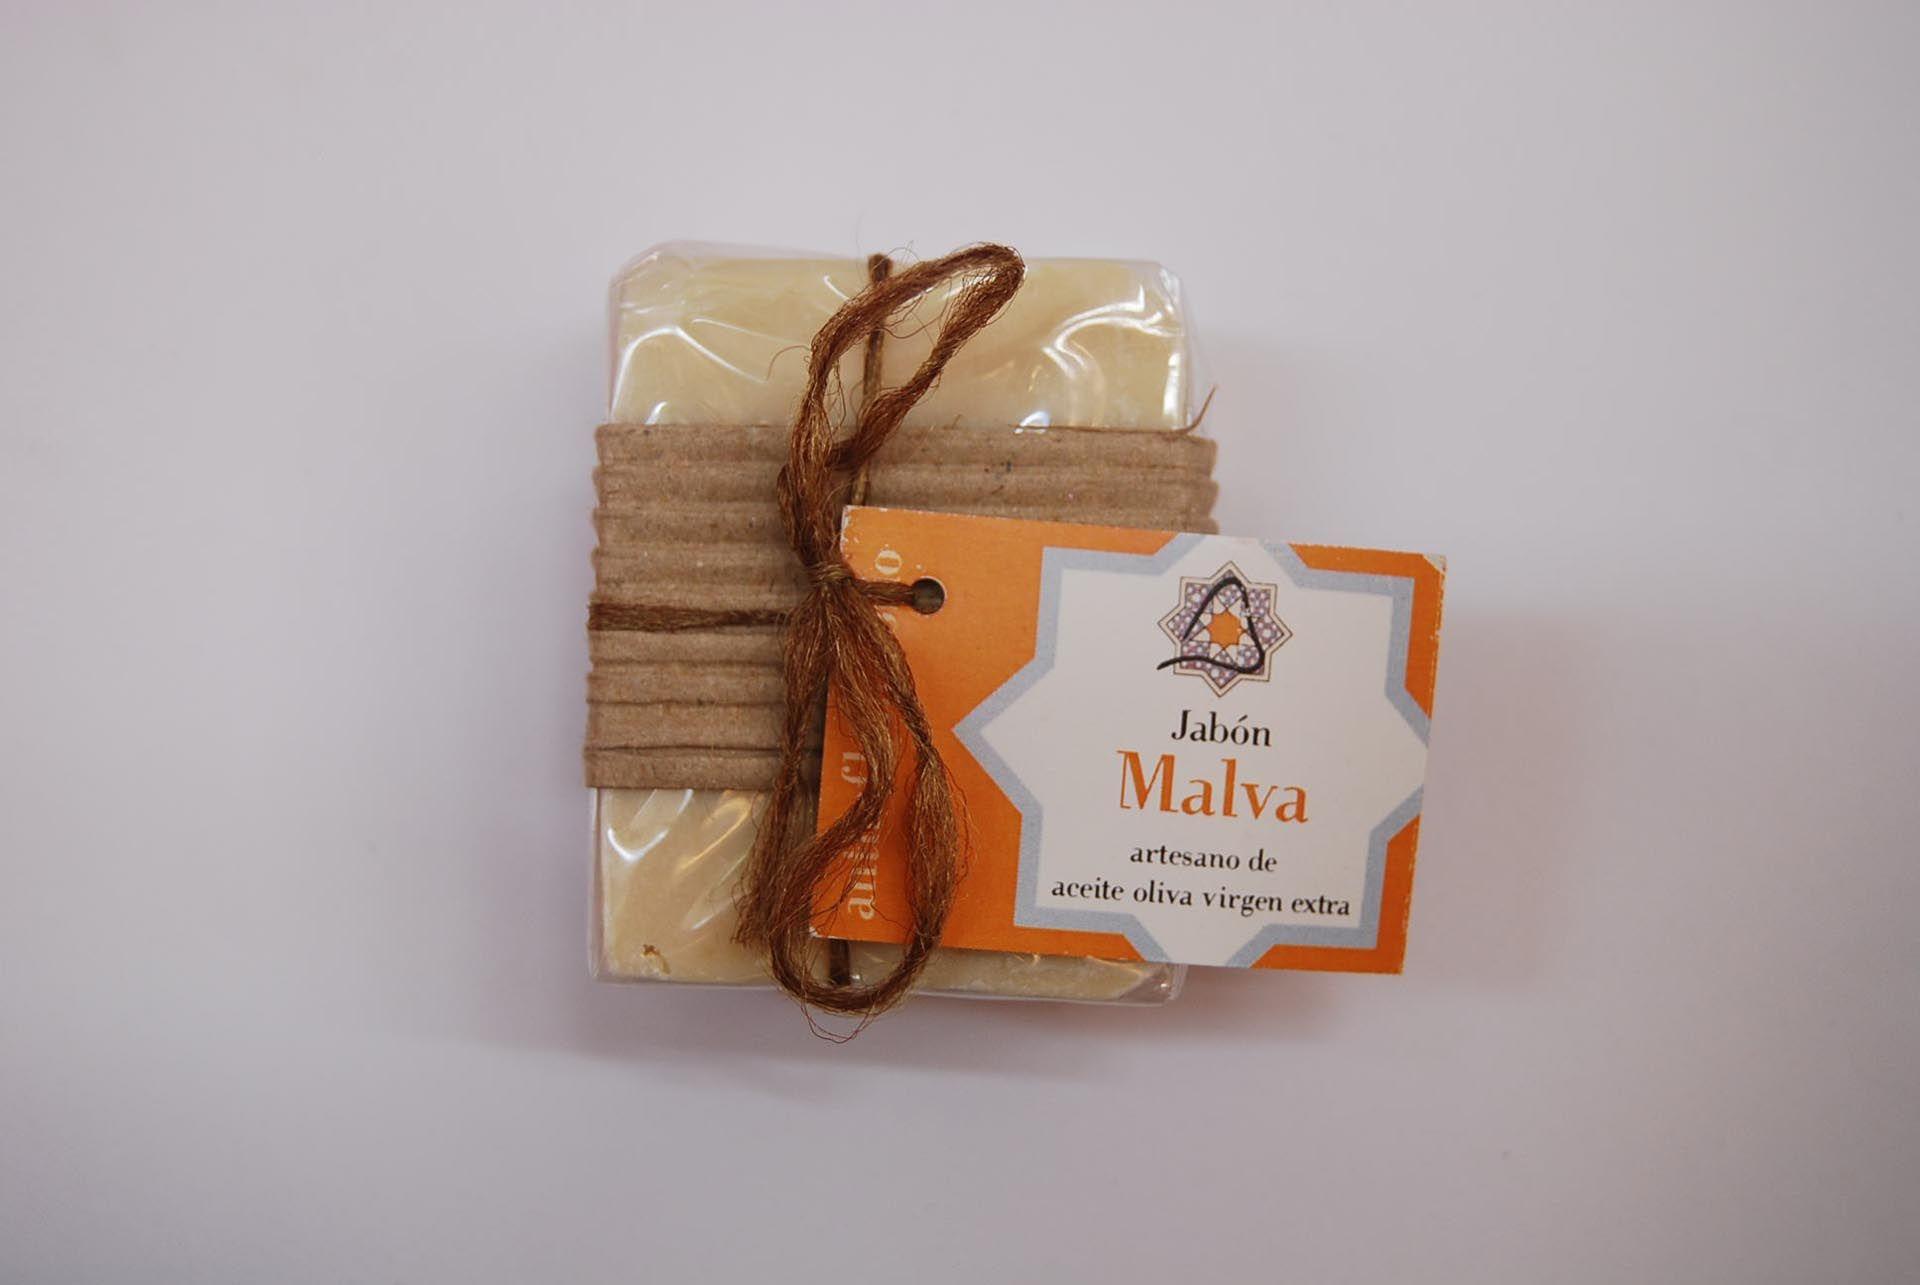 Jabón artesano de malva: Productos de Arahí